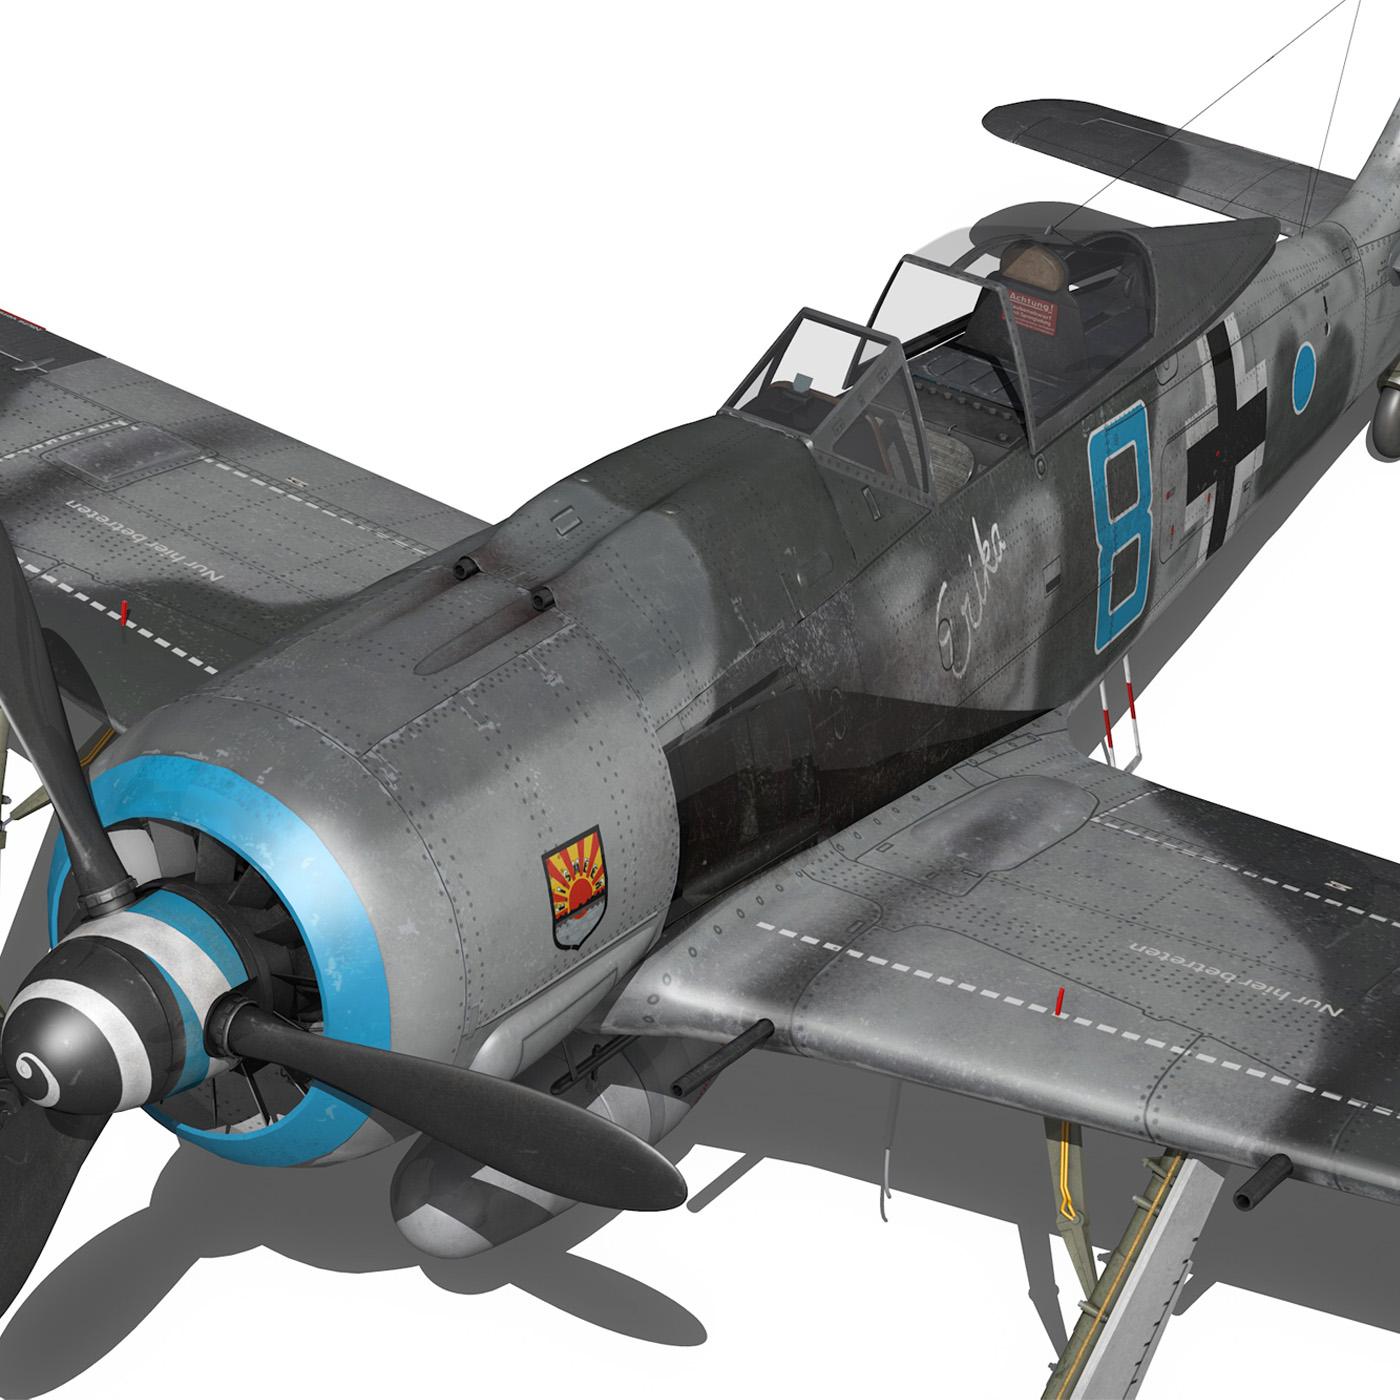 focke wulf – fw190 a8 – blue 8 3d model 3ds fbx c4d lwo obj 293560